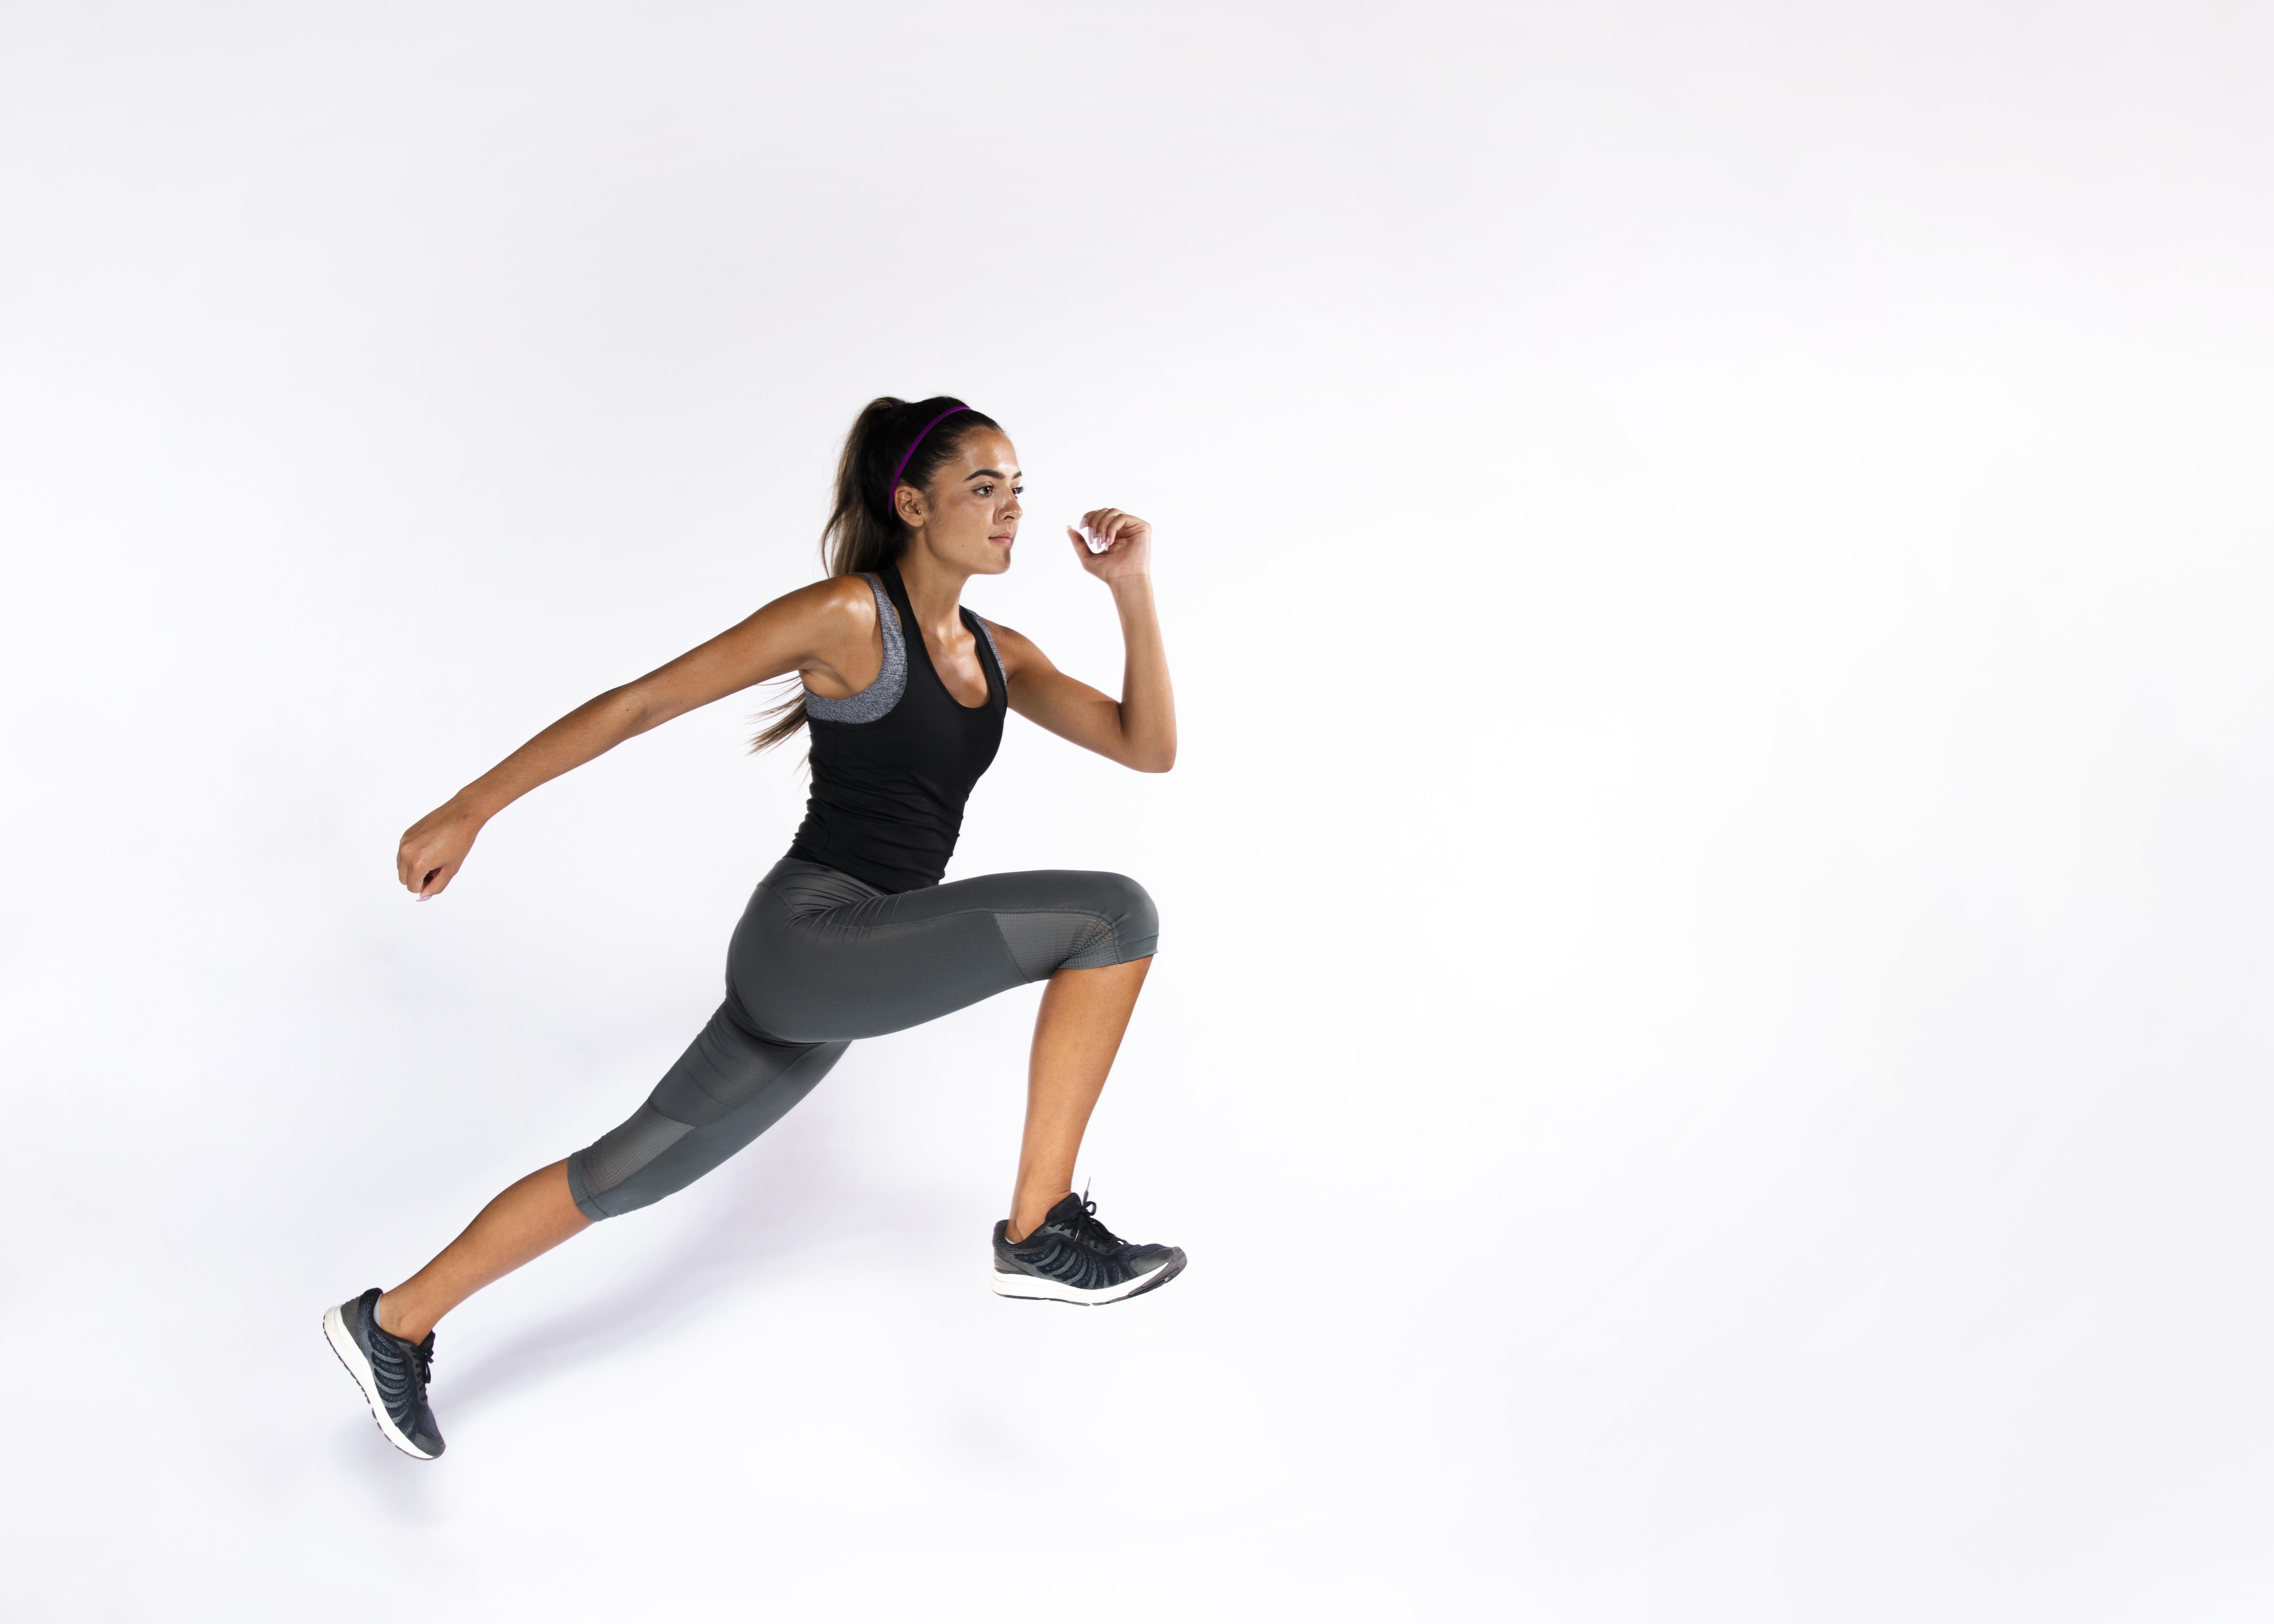 El ejercicio y el entrenamiento deben ser los convenientes para la edad, la condición física y la circunstancia de vida. FOTO: Freepik - www.freepik.com